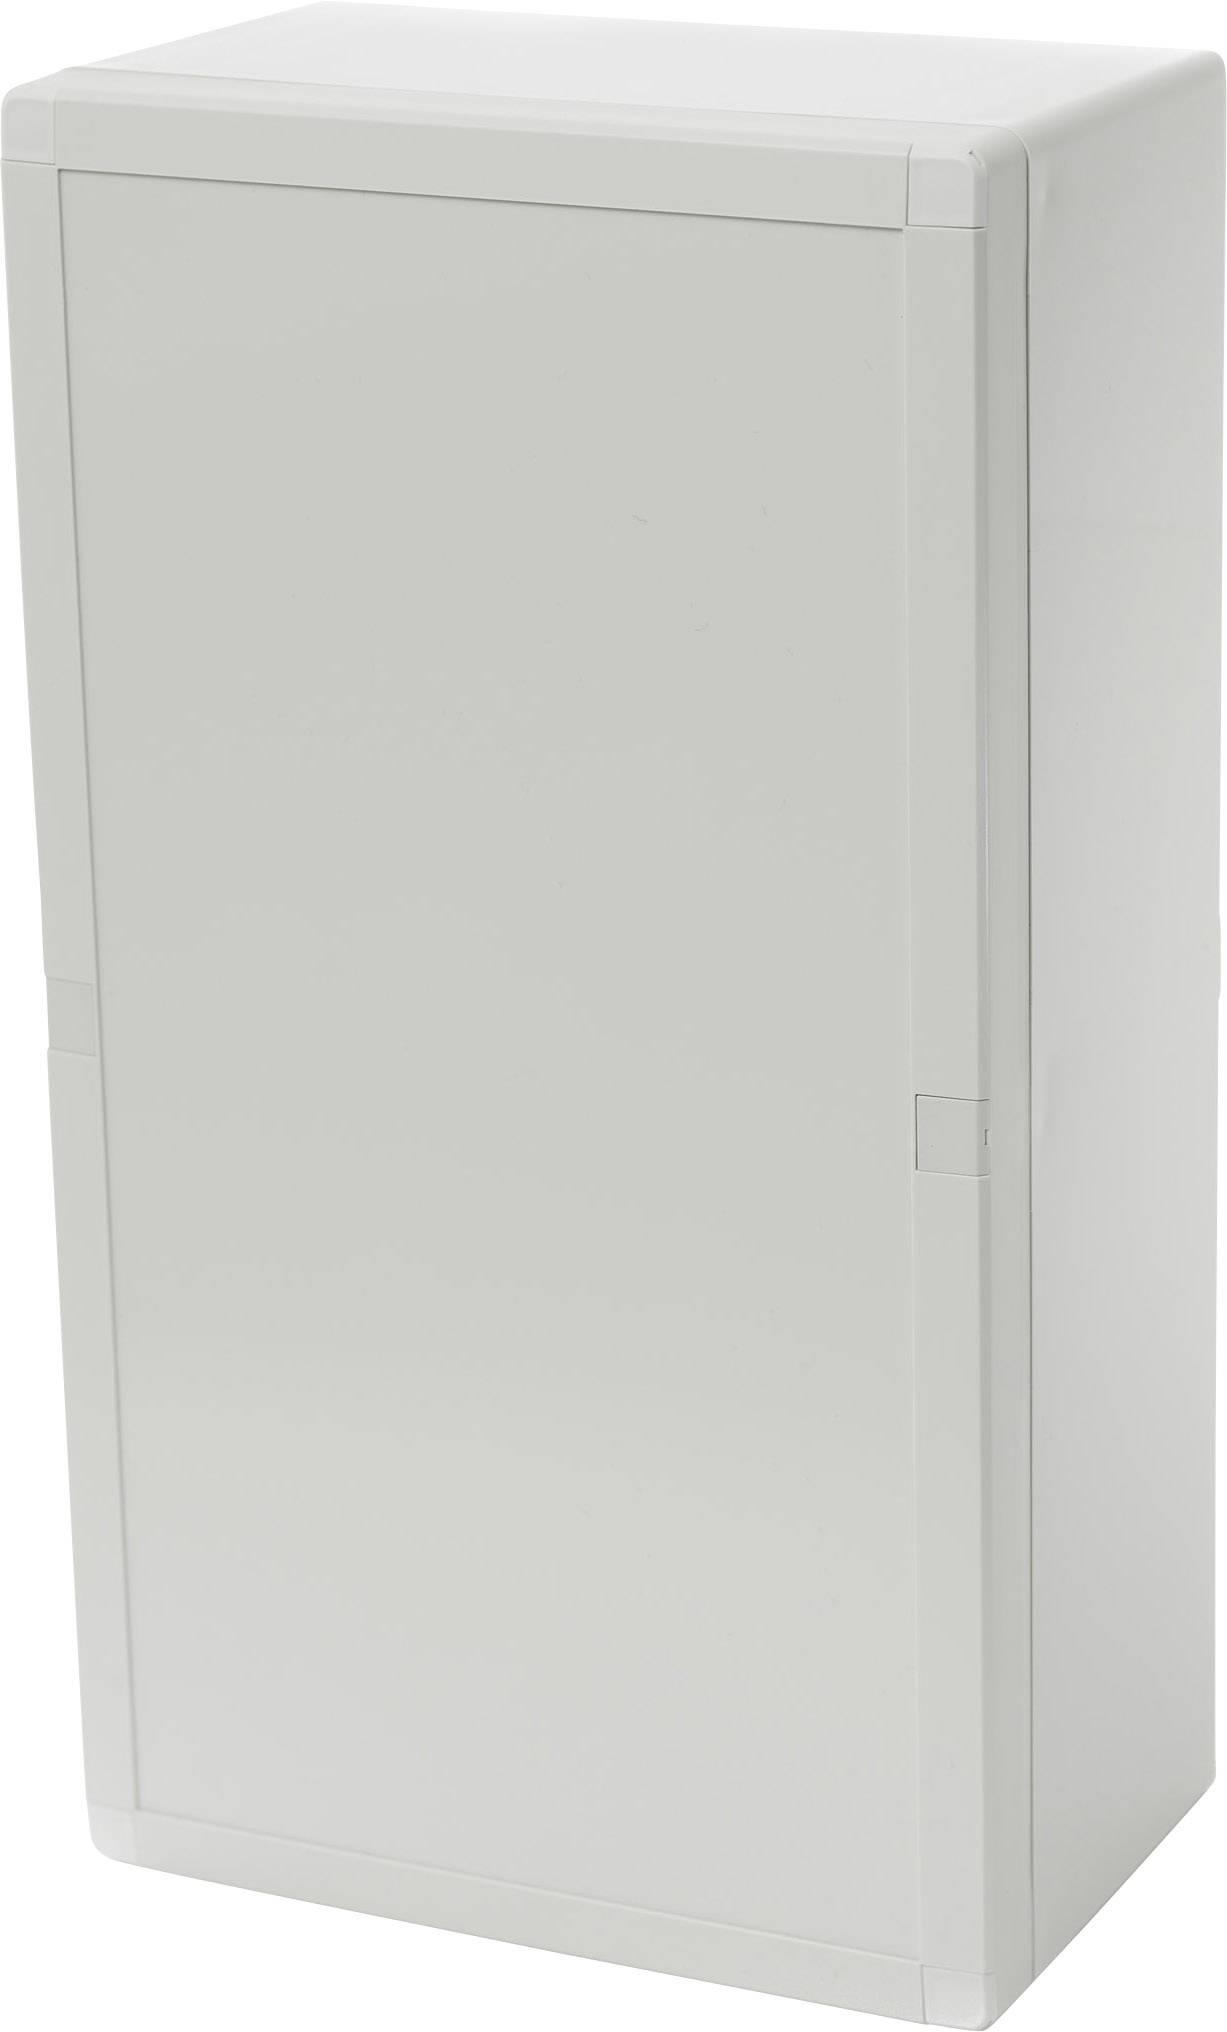 Skřínka na stěnu, instalační krabička Fibox EURONORD 3 ABQ3 203612 7085791, (d x š x v) 360 x 200 x 121 mm, ABS, světle šedá , 1 ks